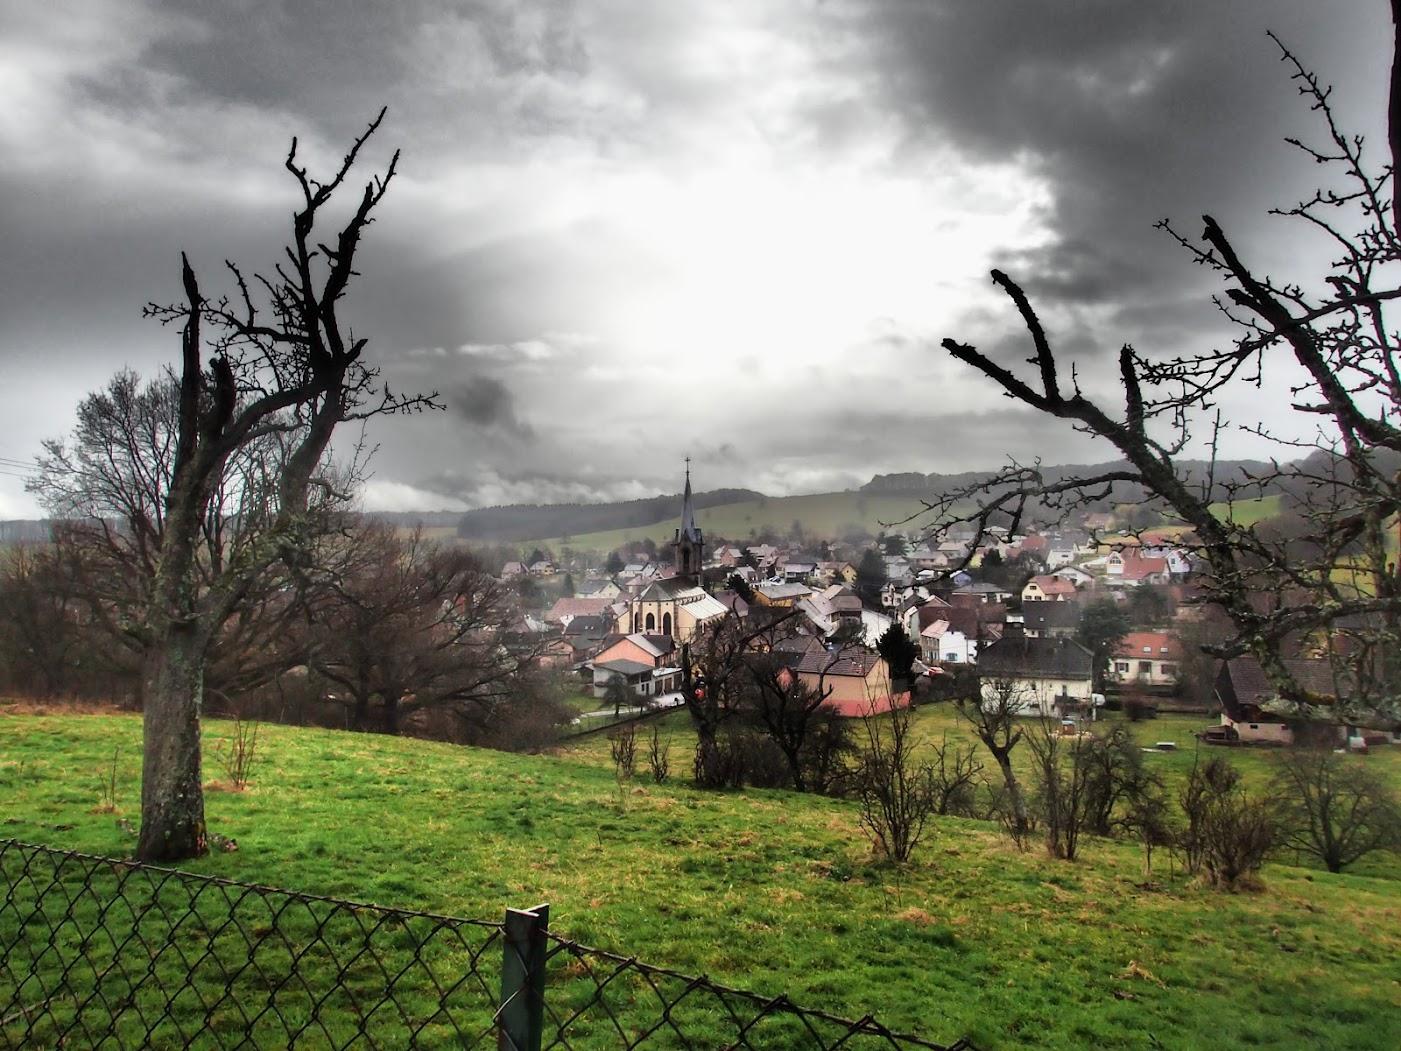 Rammersmatt-Michelbach à VTT